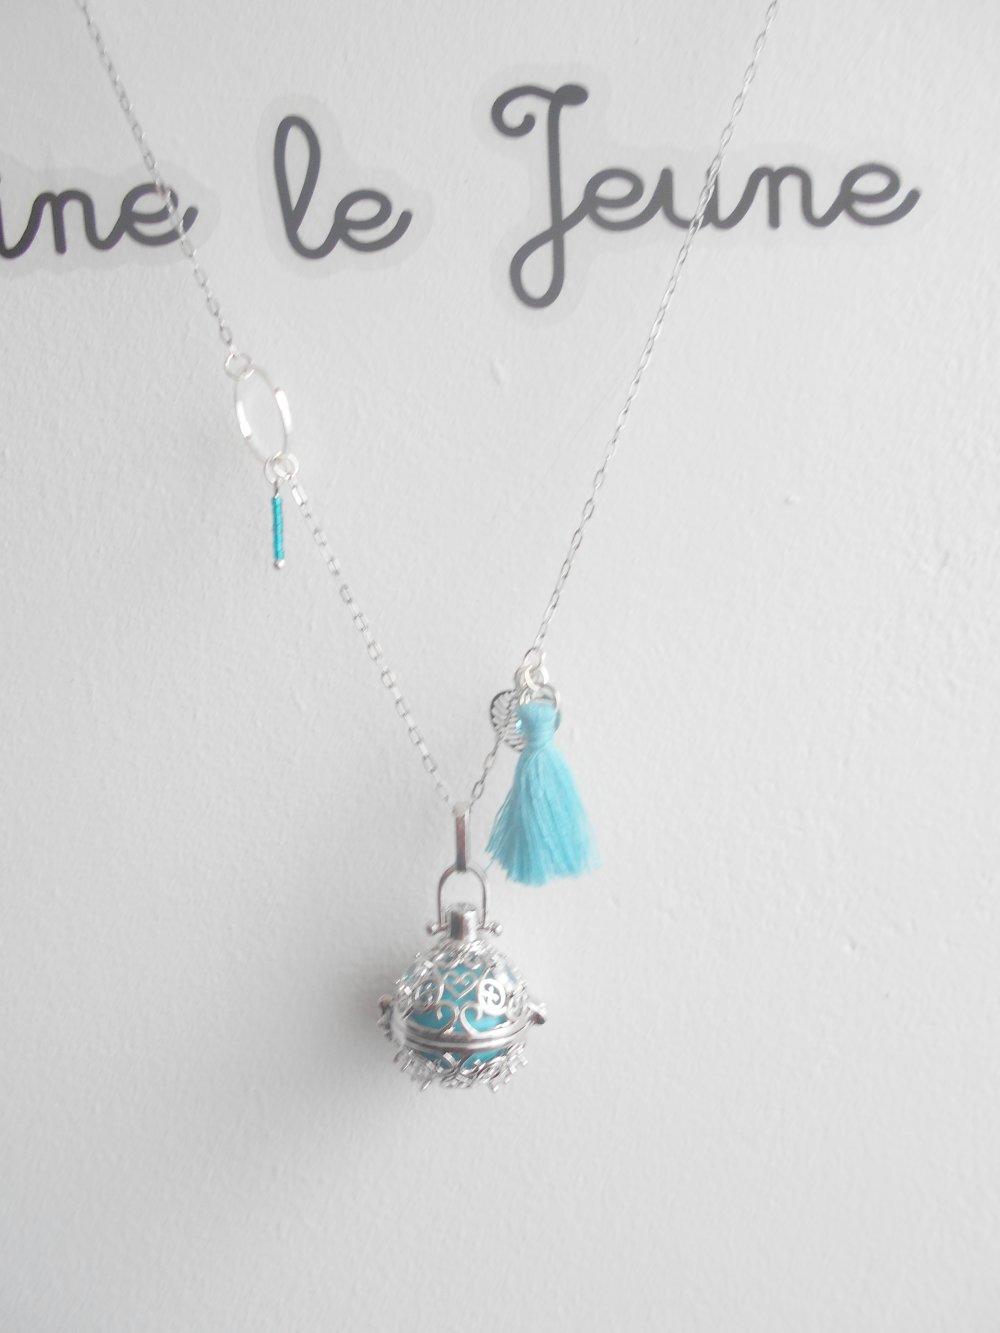 collier Bola de grossesse cage chaine acier inoxydable pompon bleu boule bleu/vert